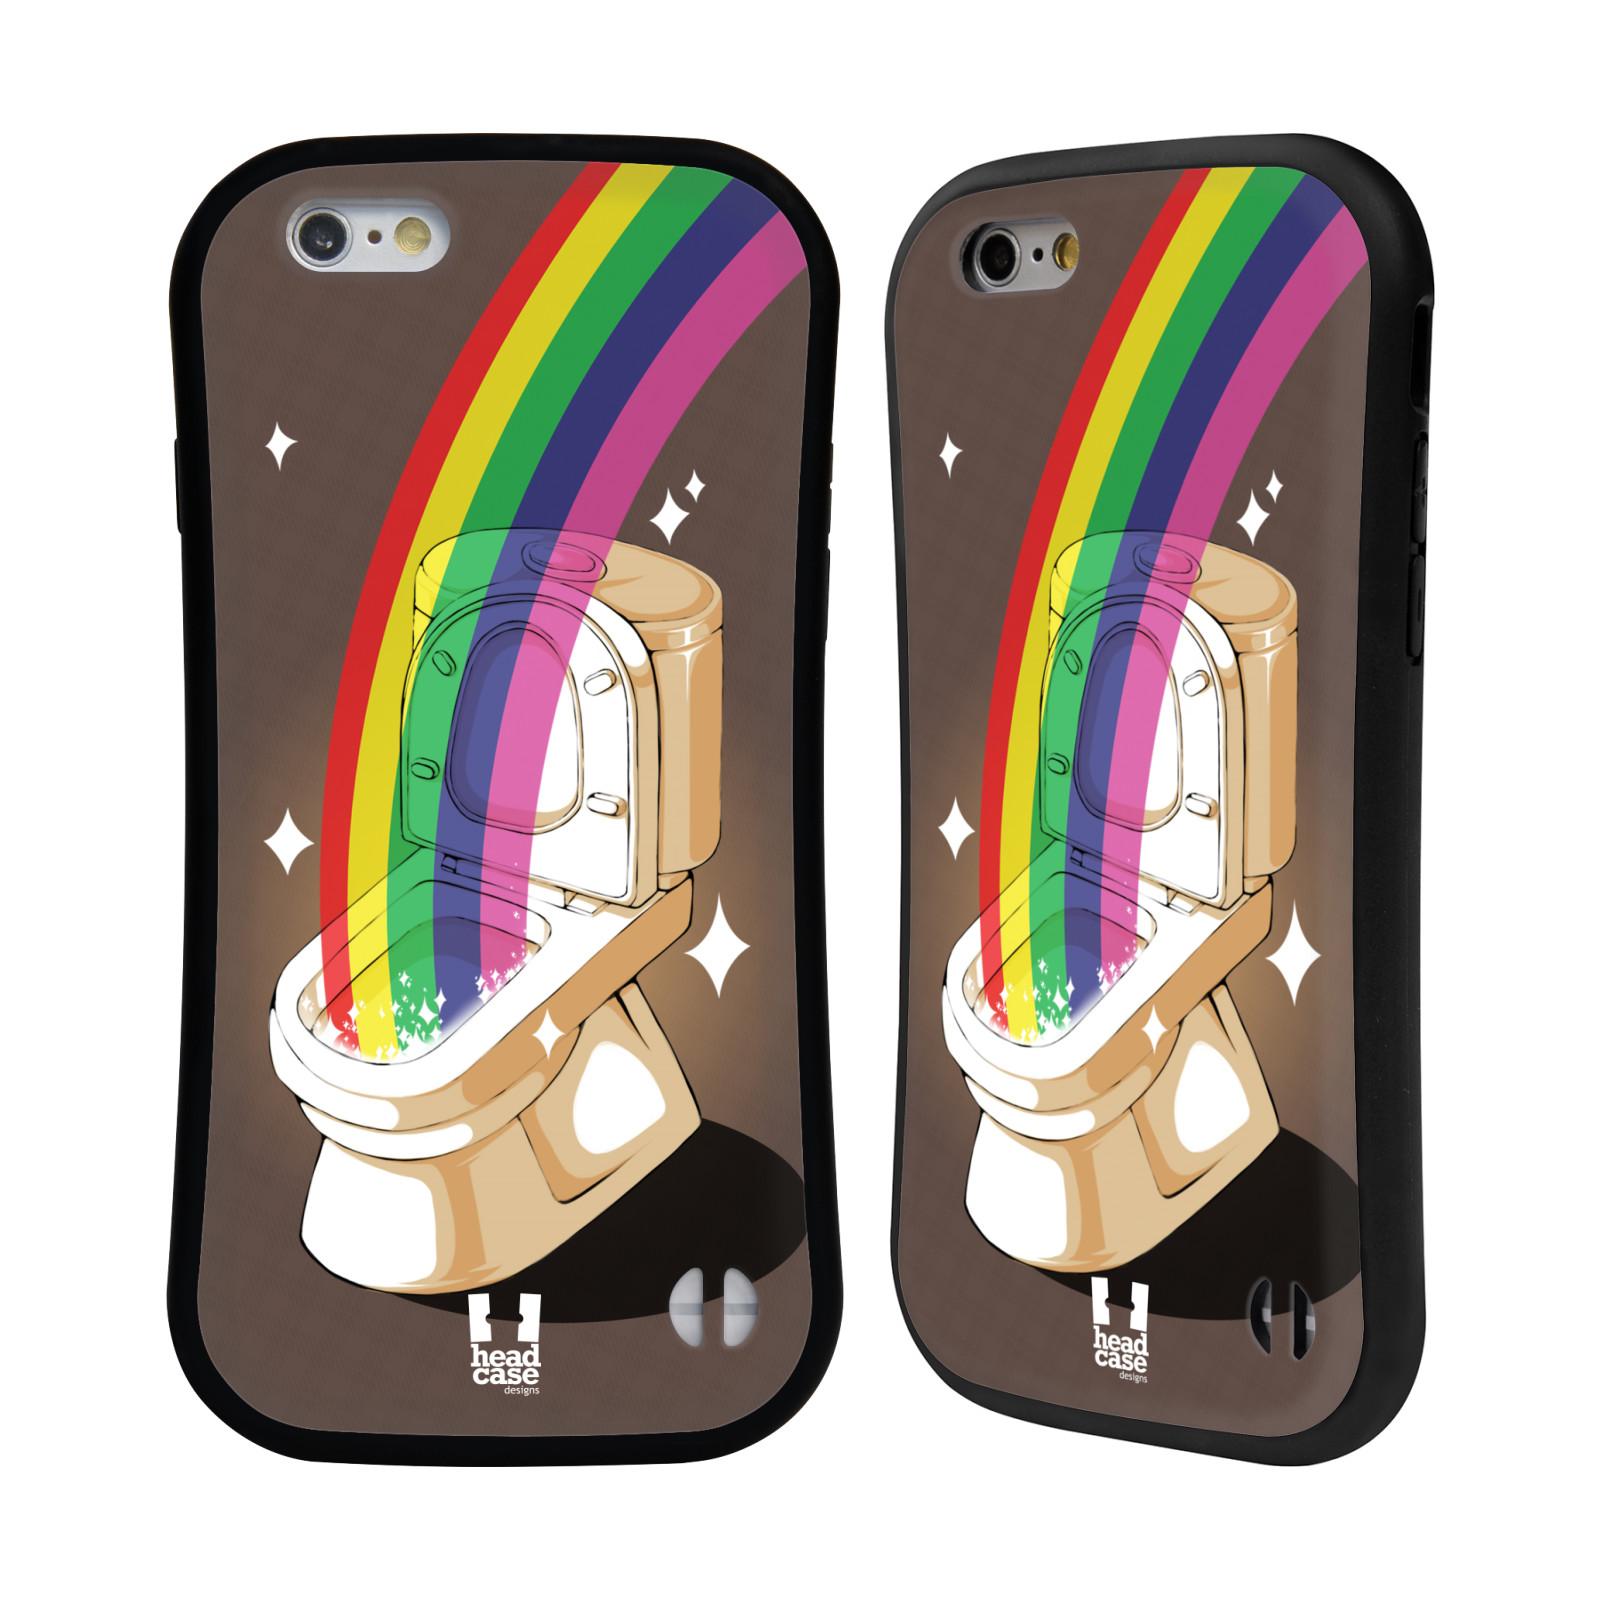 HEAD-CASE-DESIGNS-RAINDOM-HYBRID-CASE-FOR-APPLE-iPHONES-PHONES